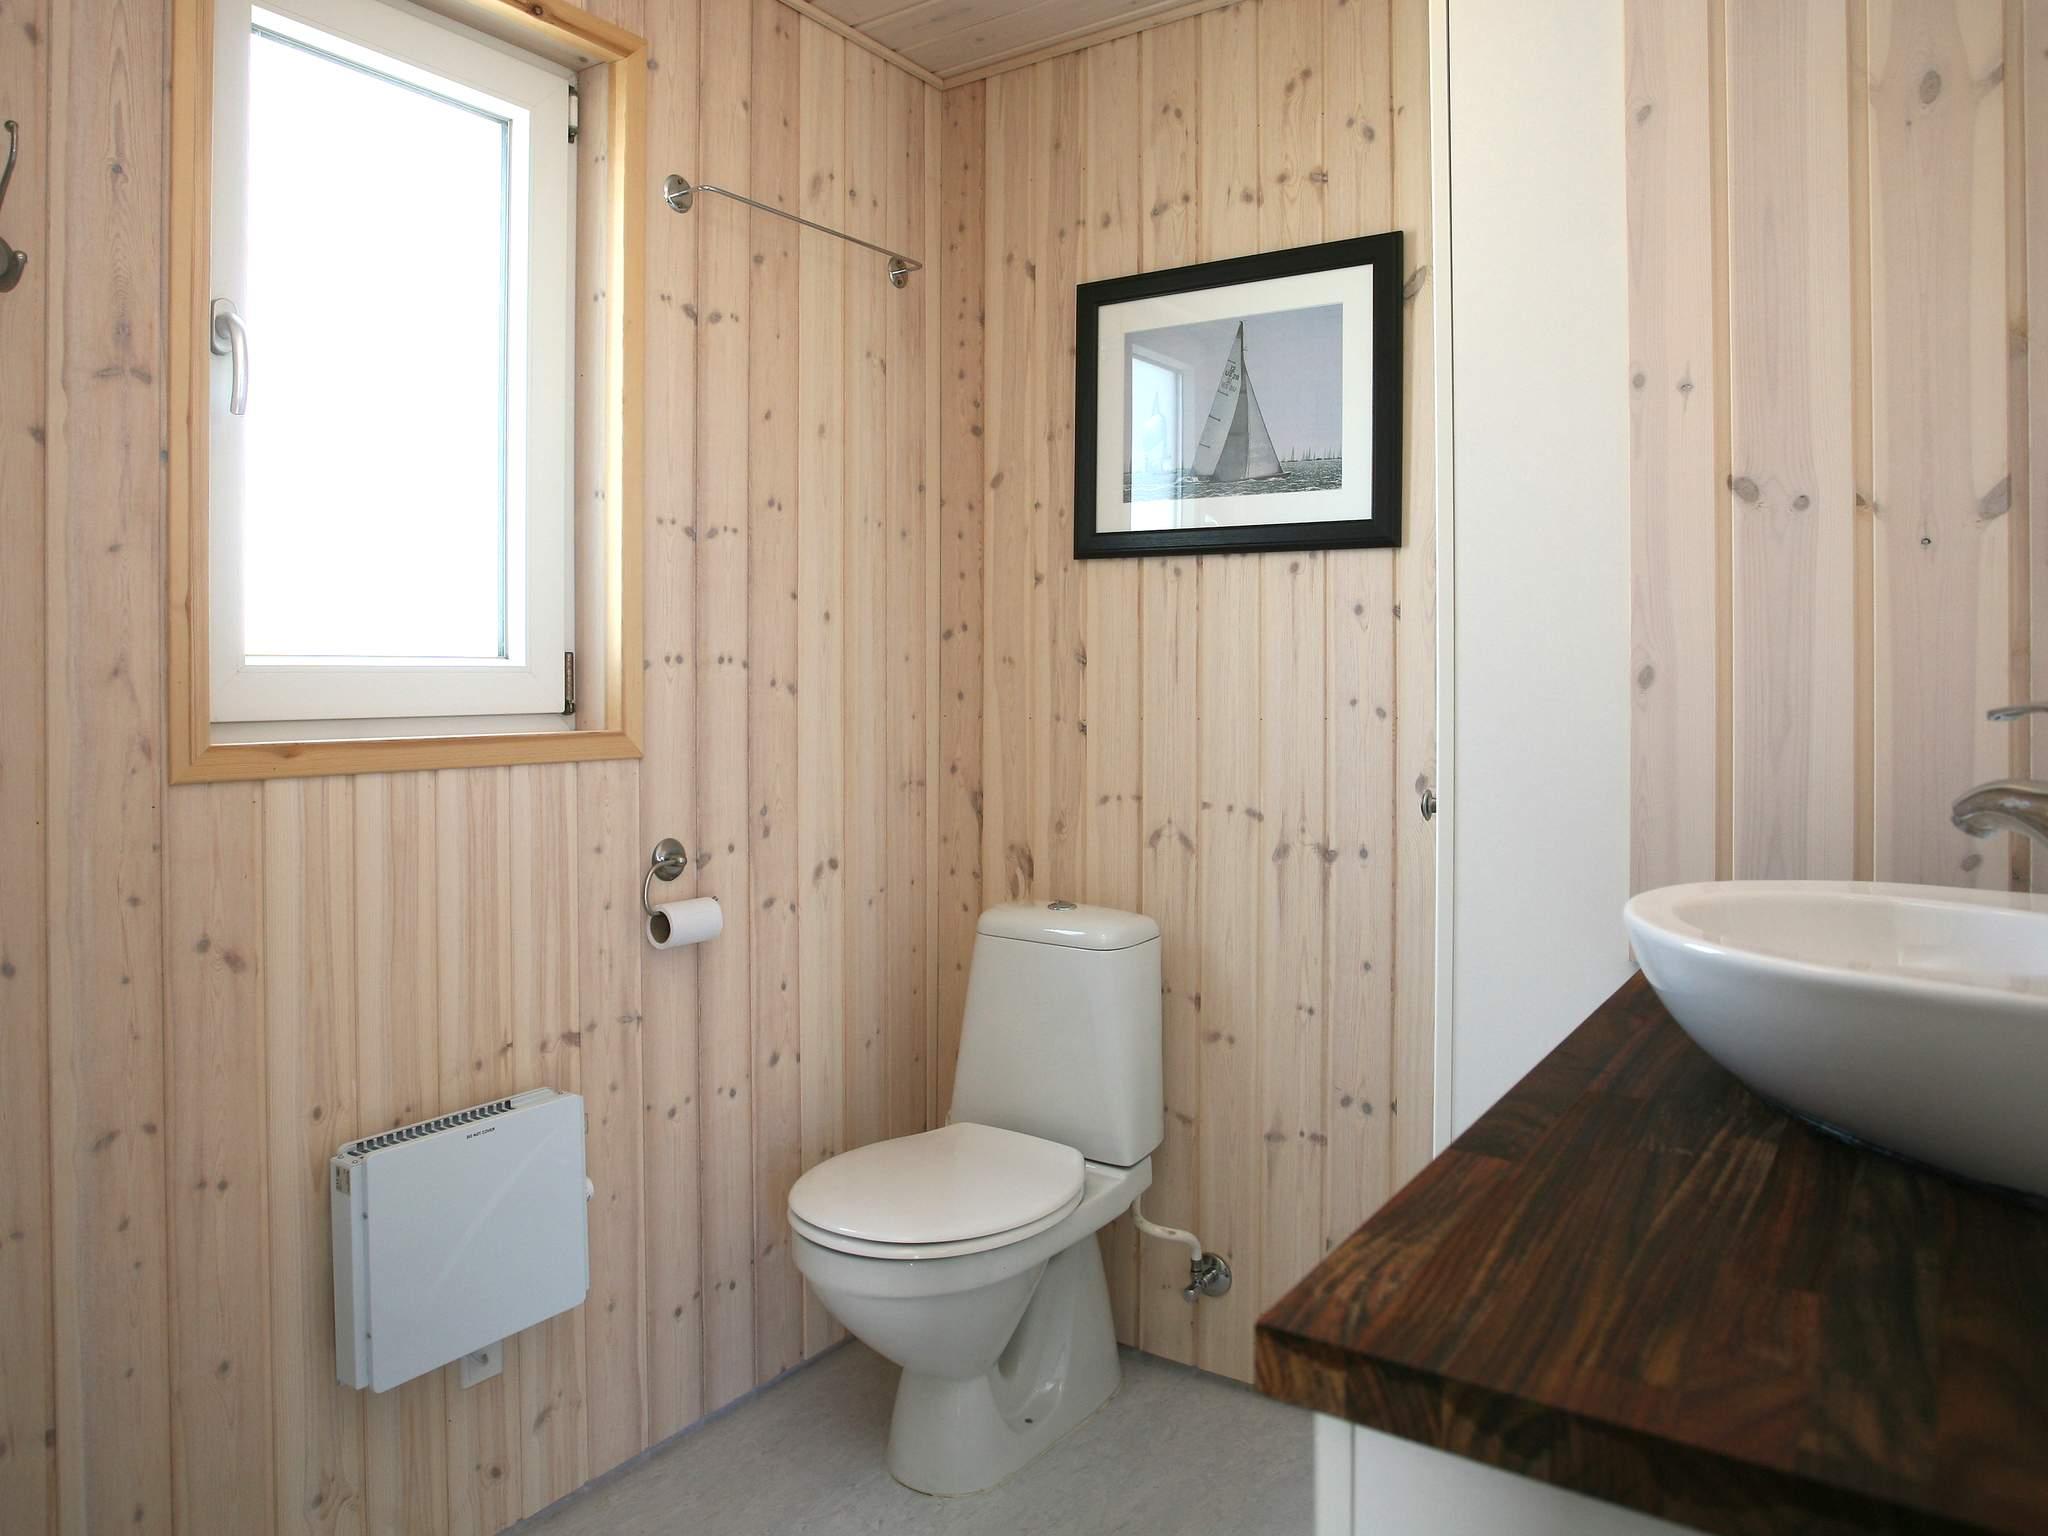 Ferienhaus Karrebæksminde (590968), Karrebæksminde, , Südseeland, Dänemark, Bild 11